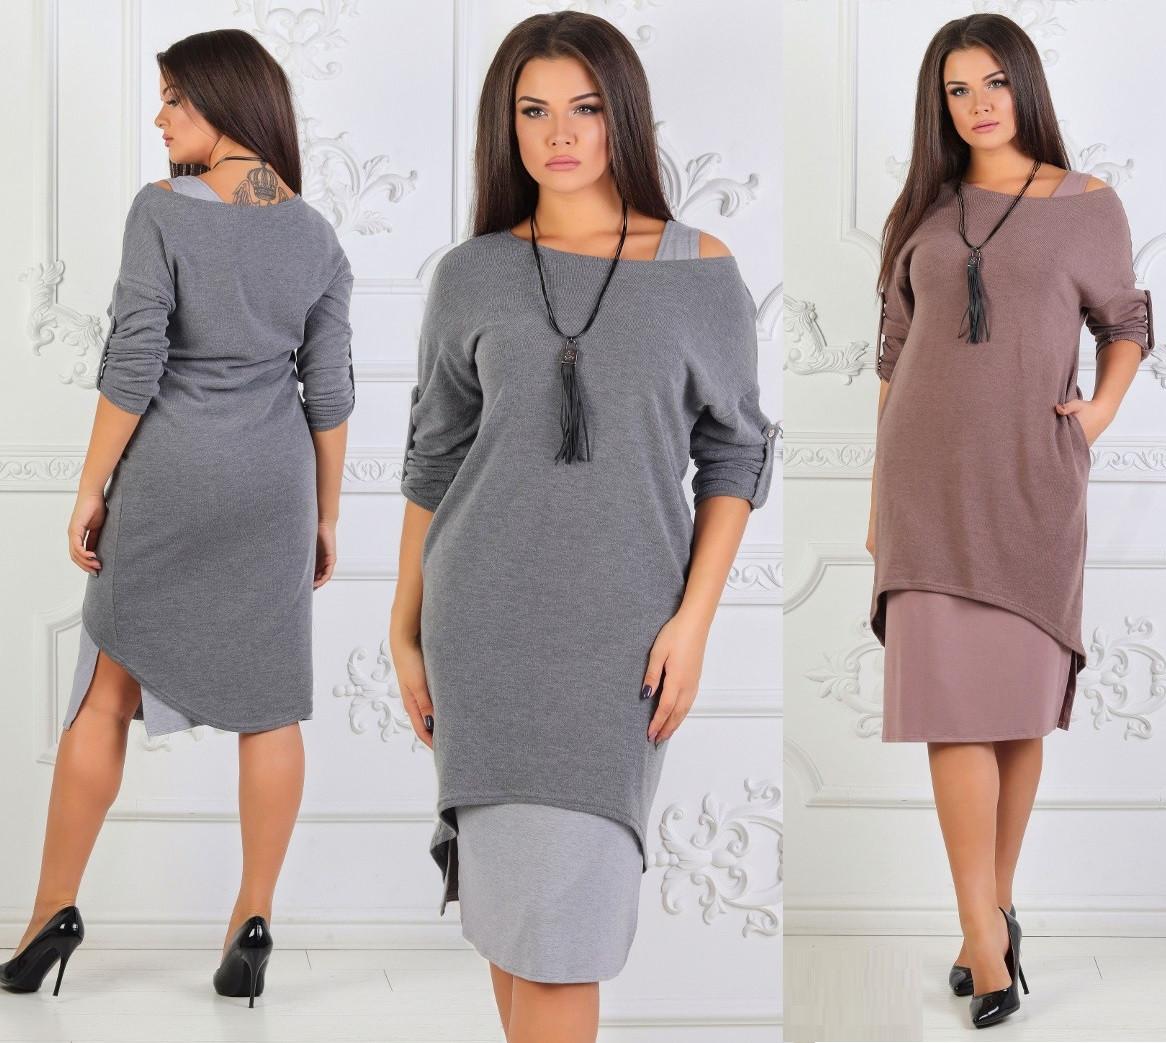 e8d2640027d Батальный комппект  трикотажное платье+платье ангора -